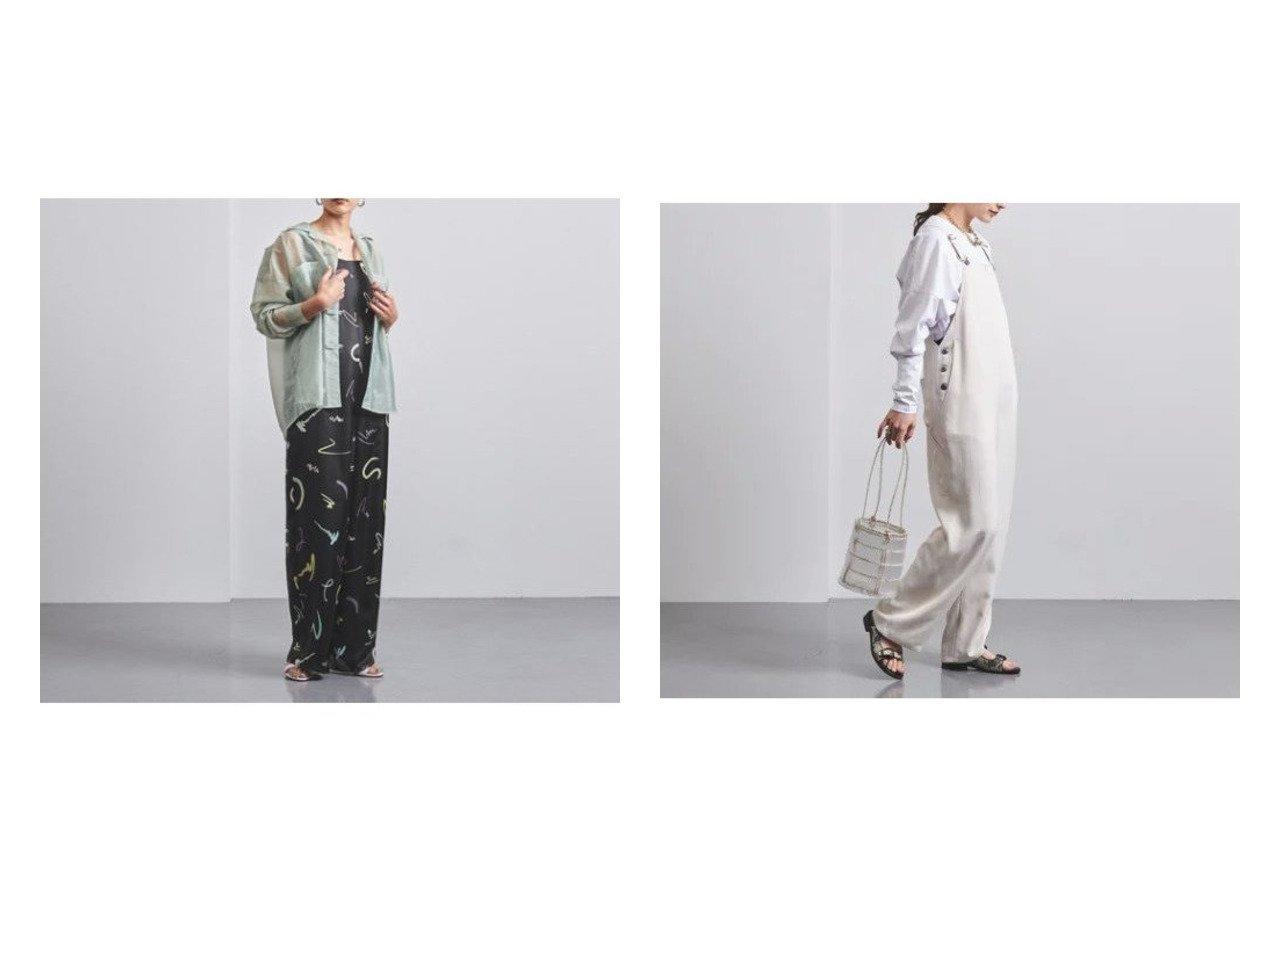 【UNITED ARROWS/ユナイテッドアローズ】のUWMSC ペイントプリント サロペット†&UWMSC ACE オーバーオール† ワンピース・ドレスのおすすめ!人気、トレンド・レディースファッションの通販 おすすめで人気の流行・トレンド、ファッションの通販商品 メンズファッション・キッズファッション・インテリア・家具・レディースファッション・服の通販 founy(ファニー) https://founy.com/ ファッション Fashion レディースファッション WOMEN ワンピース Dress オールインワン ワンピース All In One Dress サロペット Salopette サロペット プリント ドレープ パッチ ポケット ワーク |ID:crp329100000009388